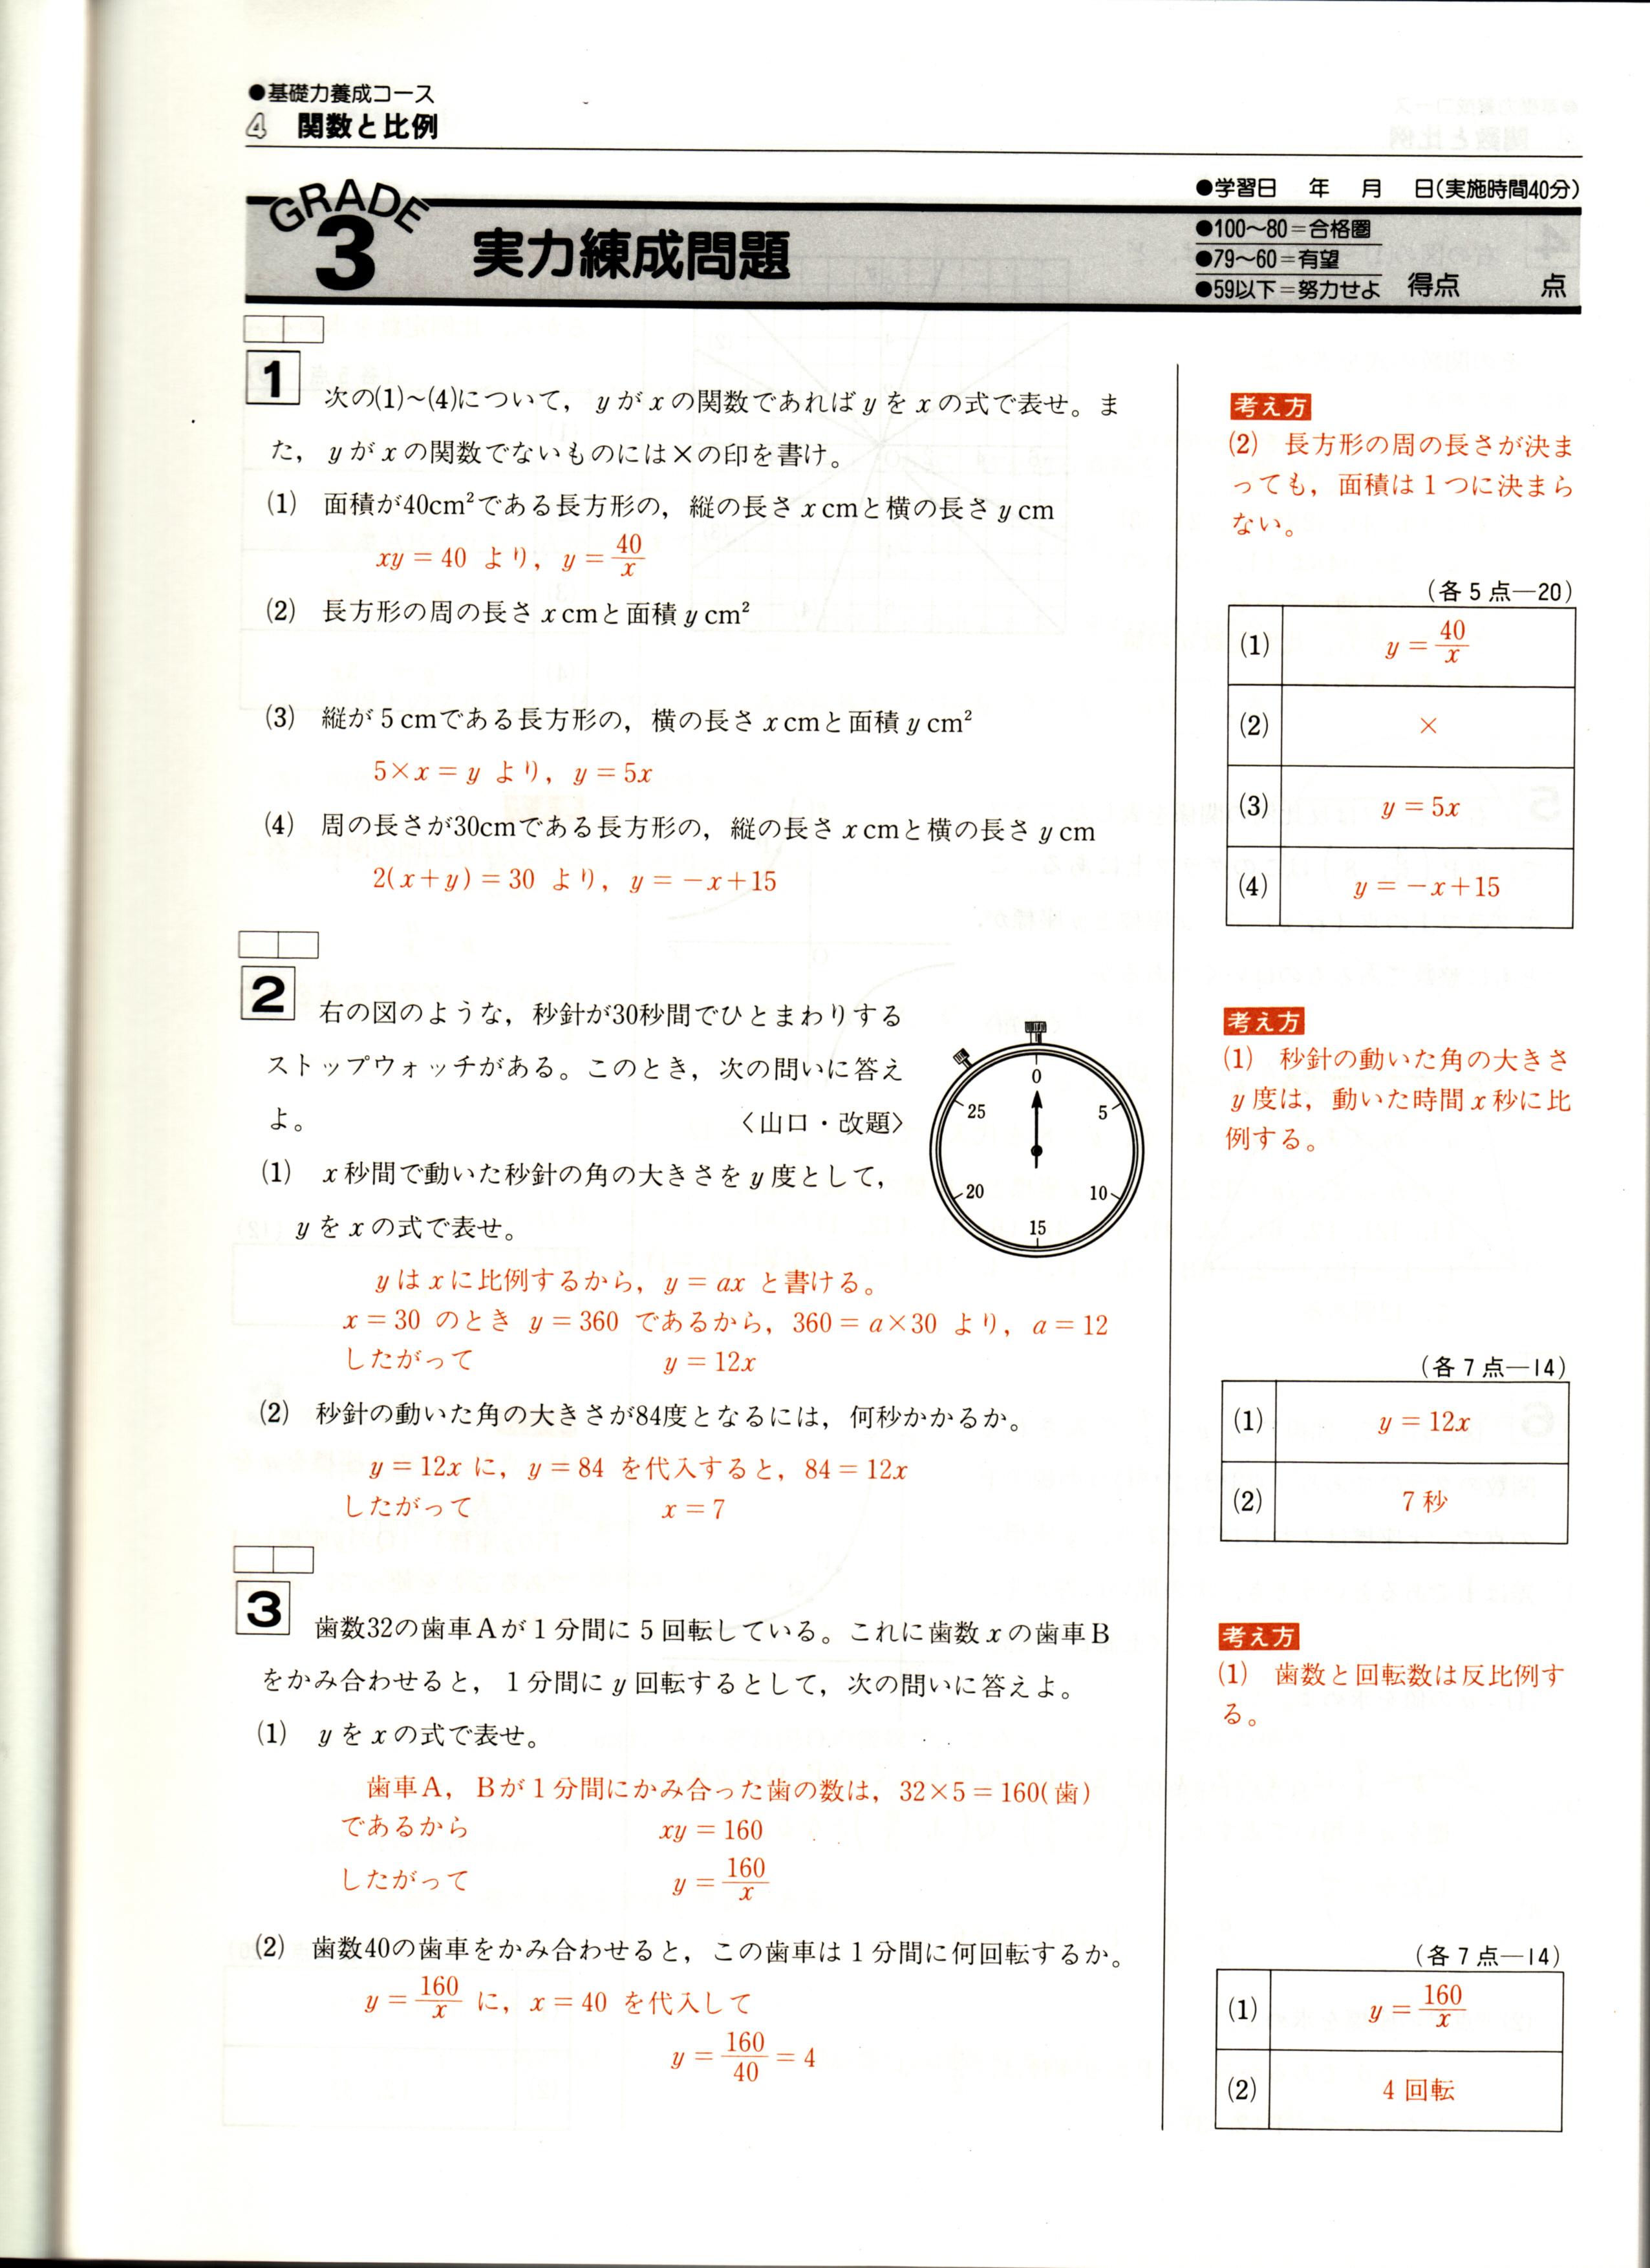 高校受験教材 グレード2 実力練成問題 数学 解答・解説